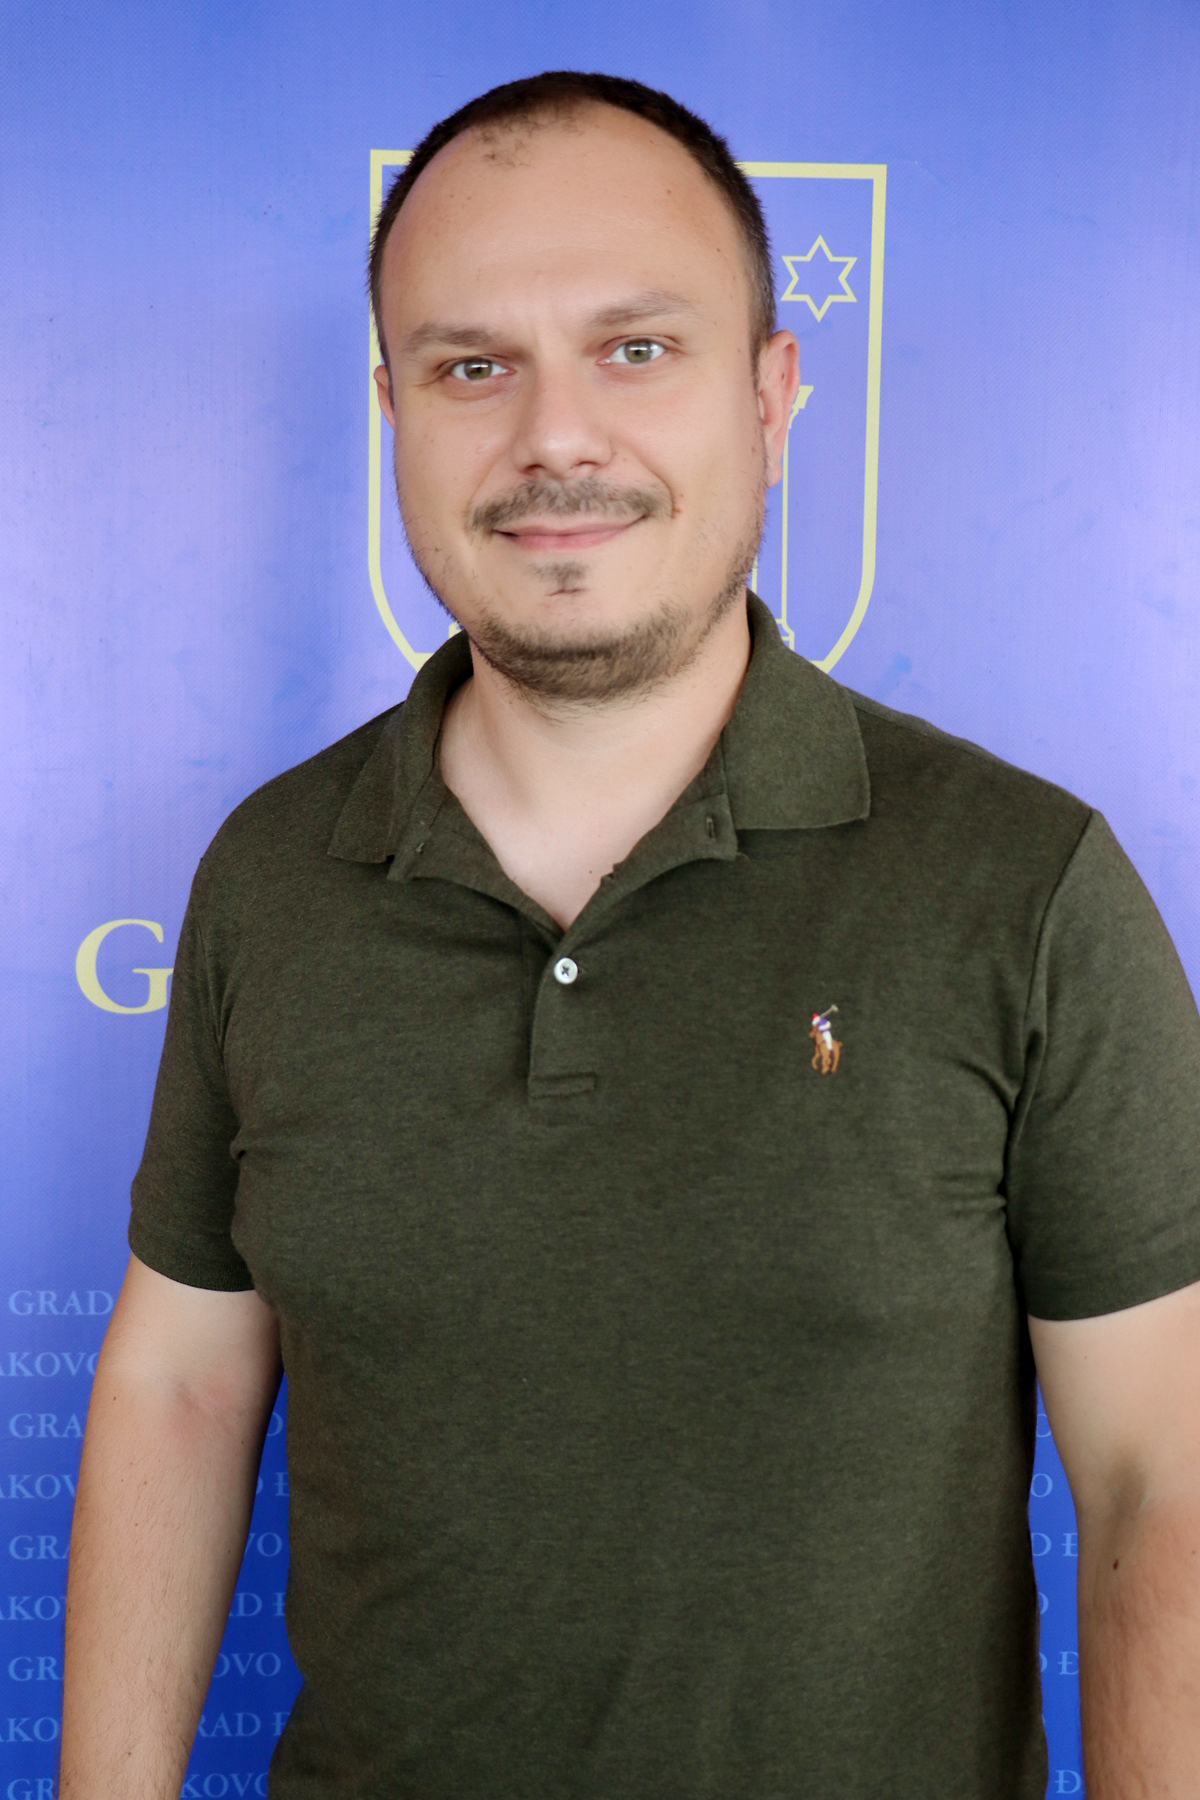 Danko Kočiš